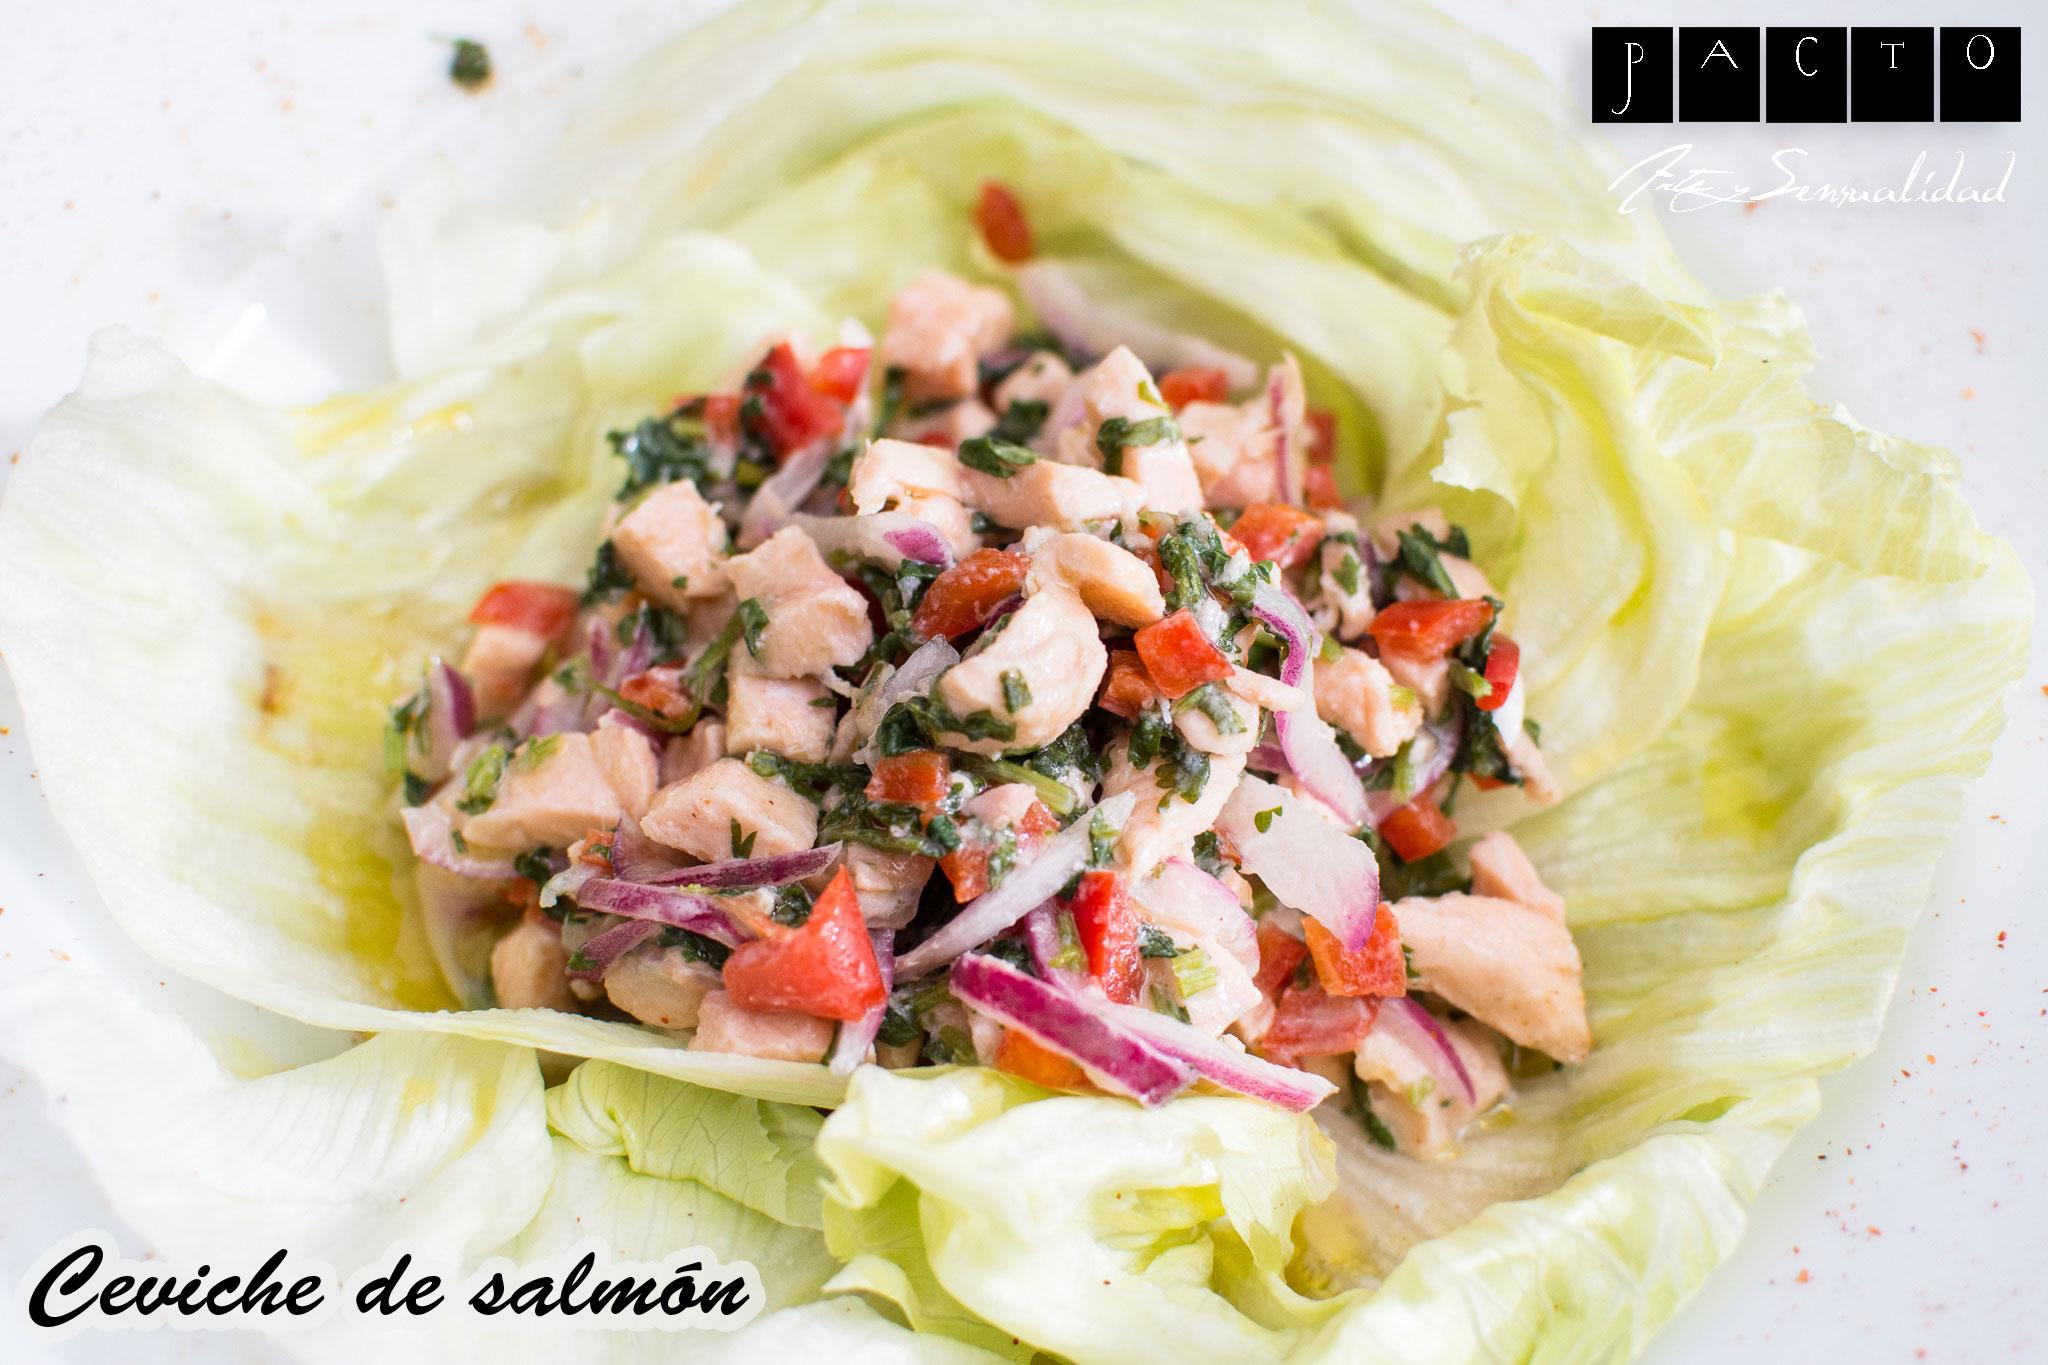 Ceviche-de-salmon